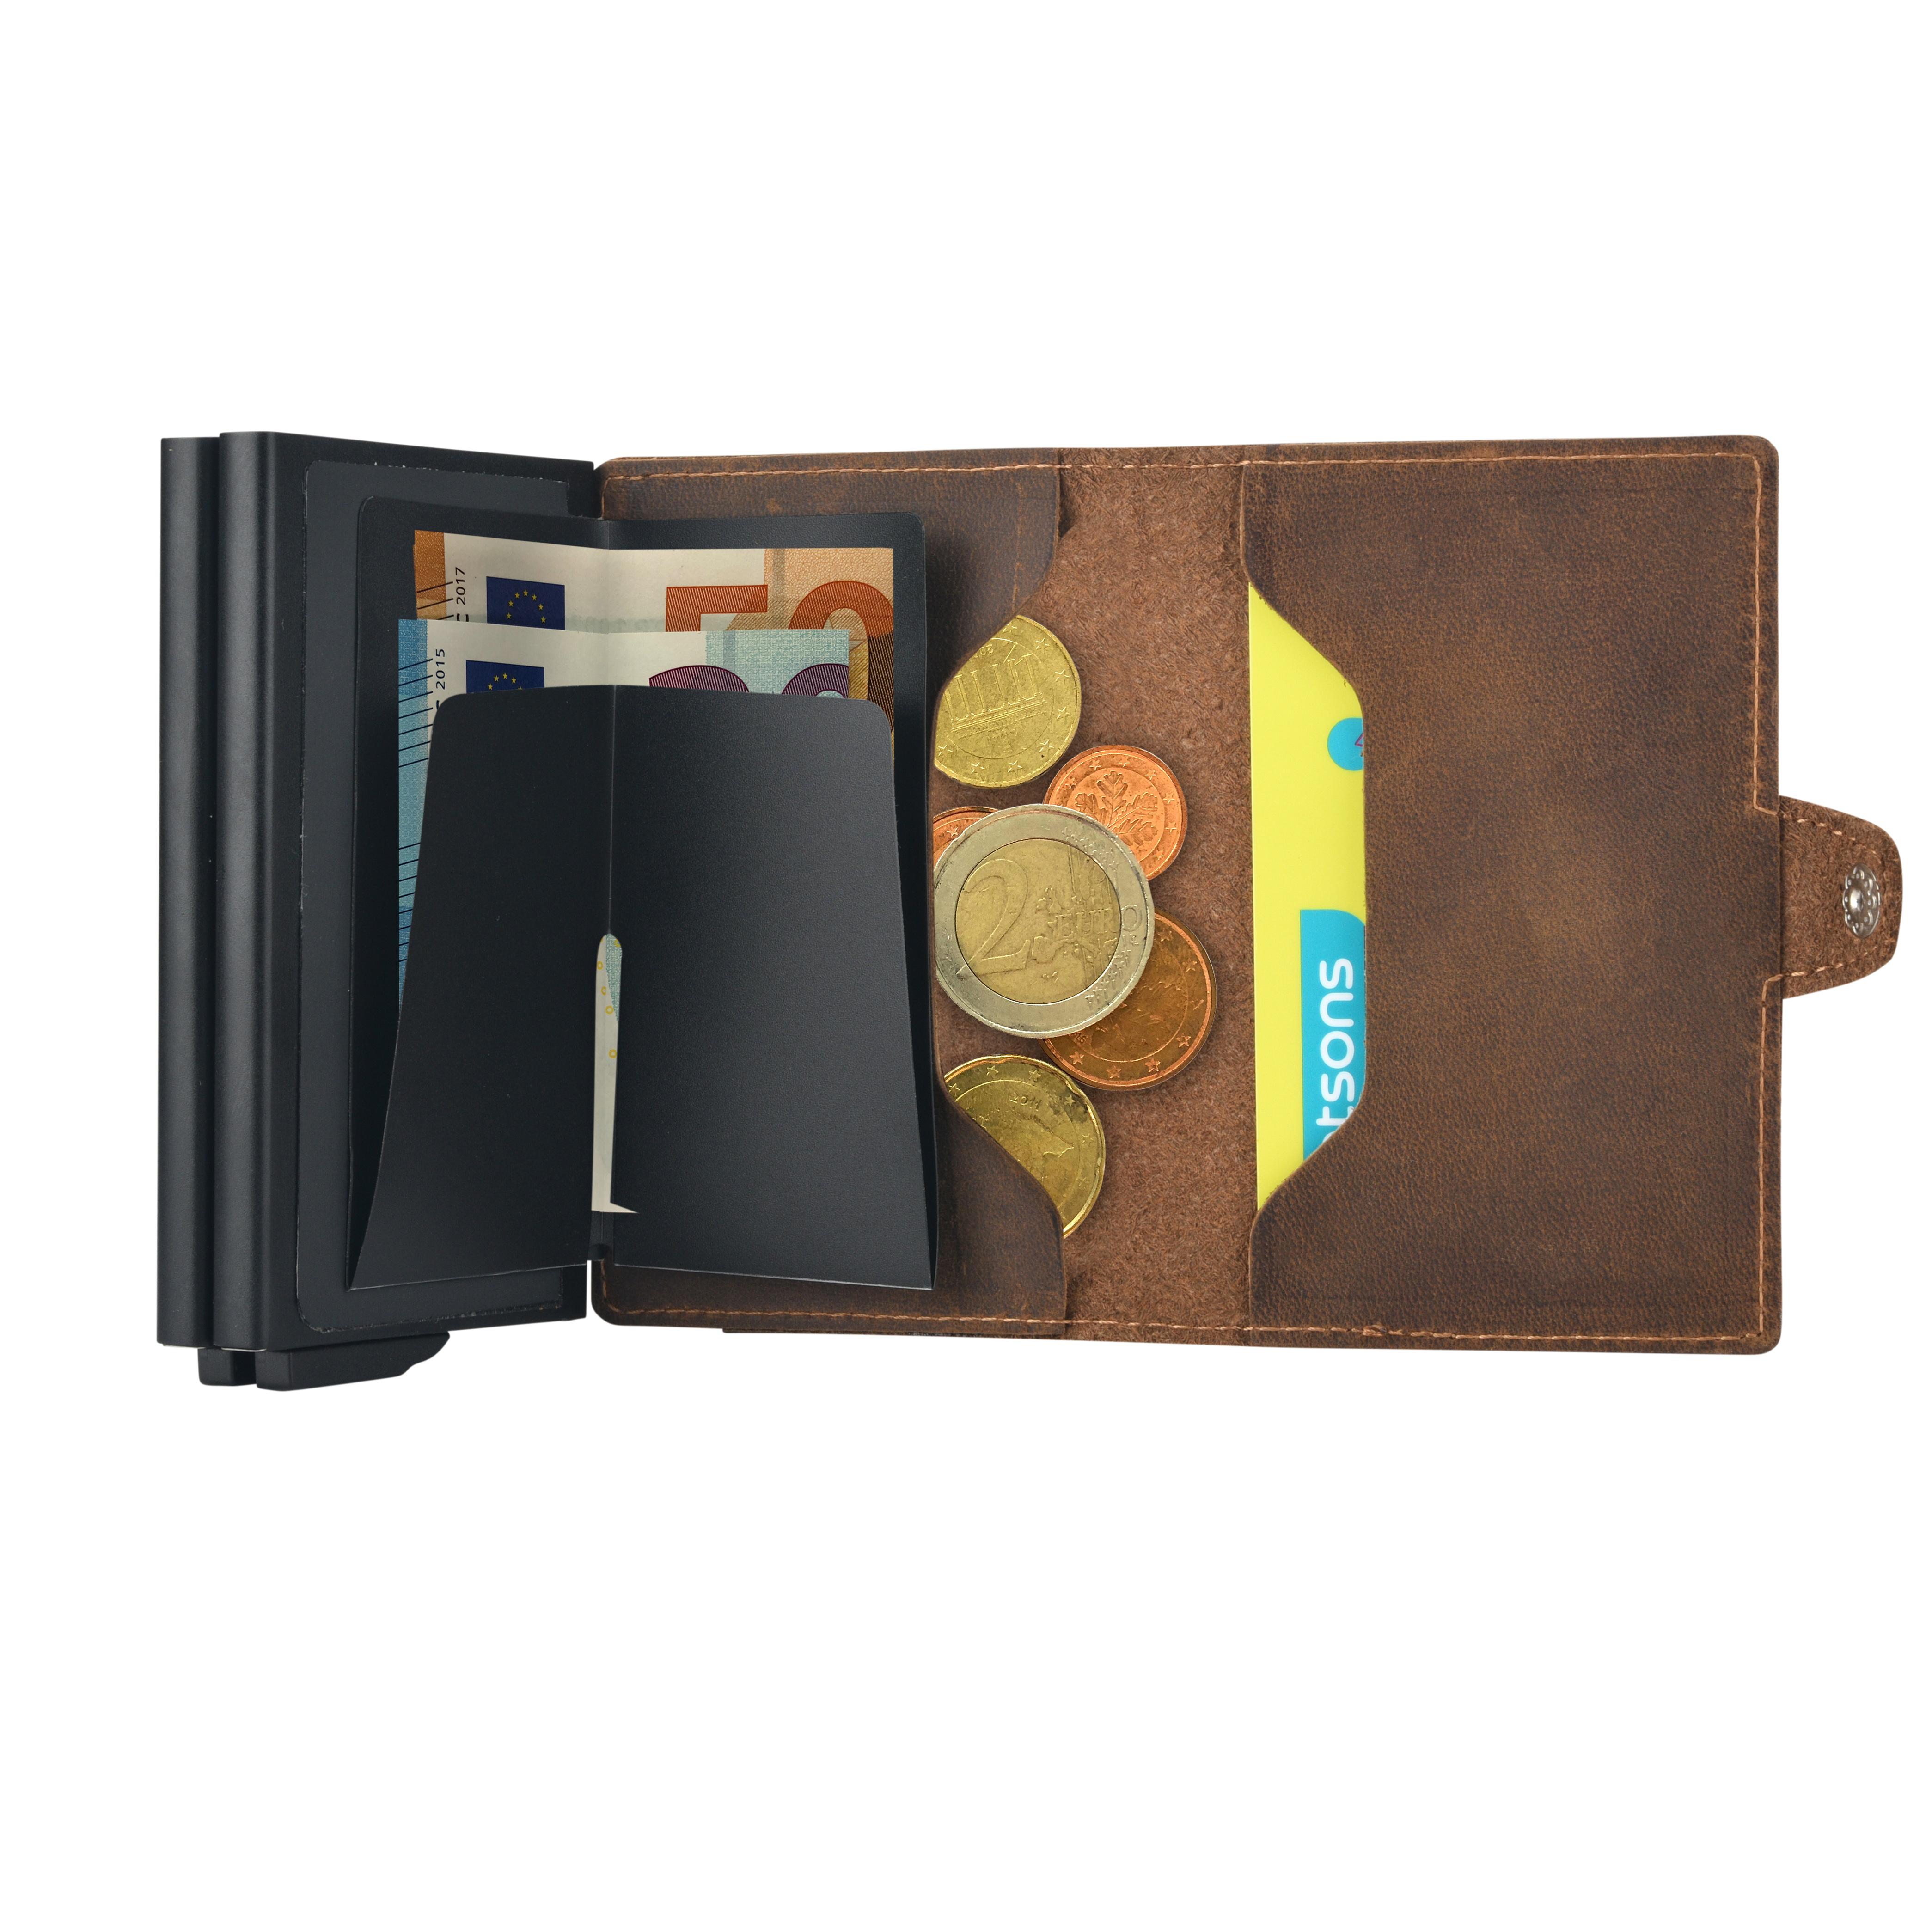 d5a05b2730d7c ... Vorschau  PREMIUM duo Herren Portemonnaie vintage braun Leder  Kartenhalter schwarz RFID ...